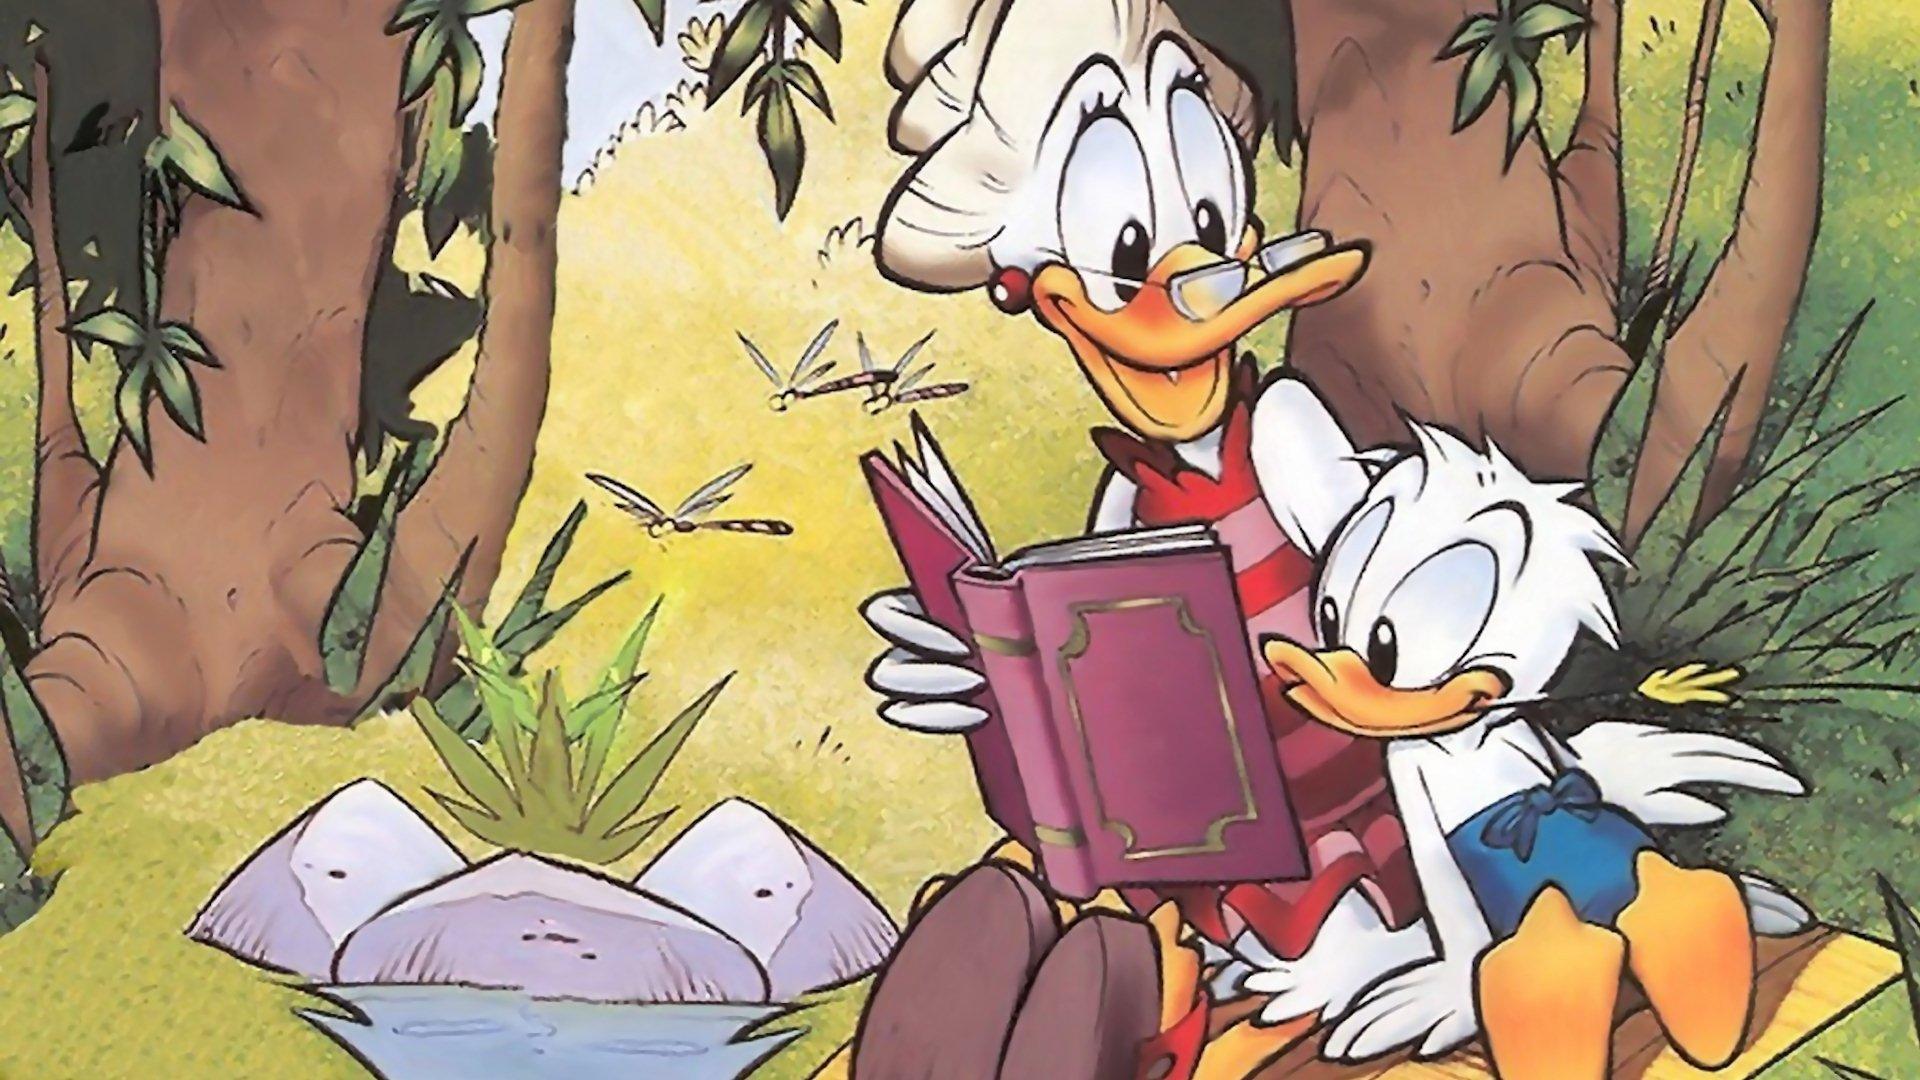 Donald Duck Wallpaper 1920x1080